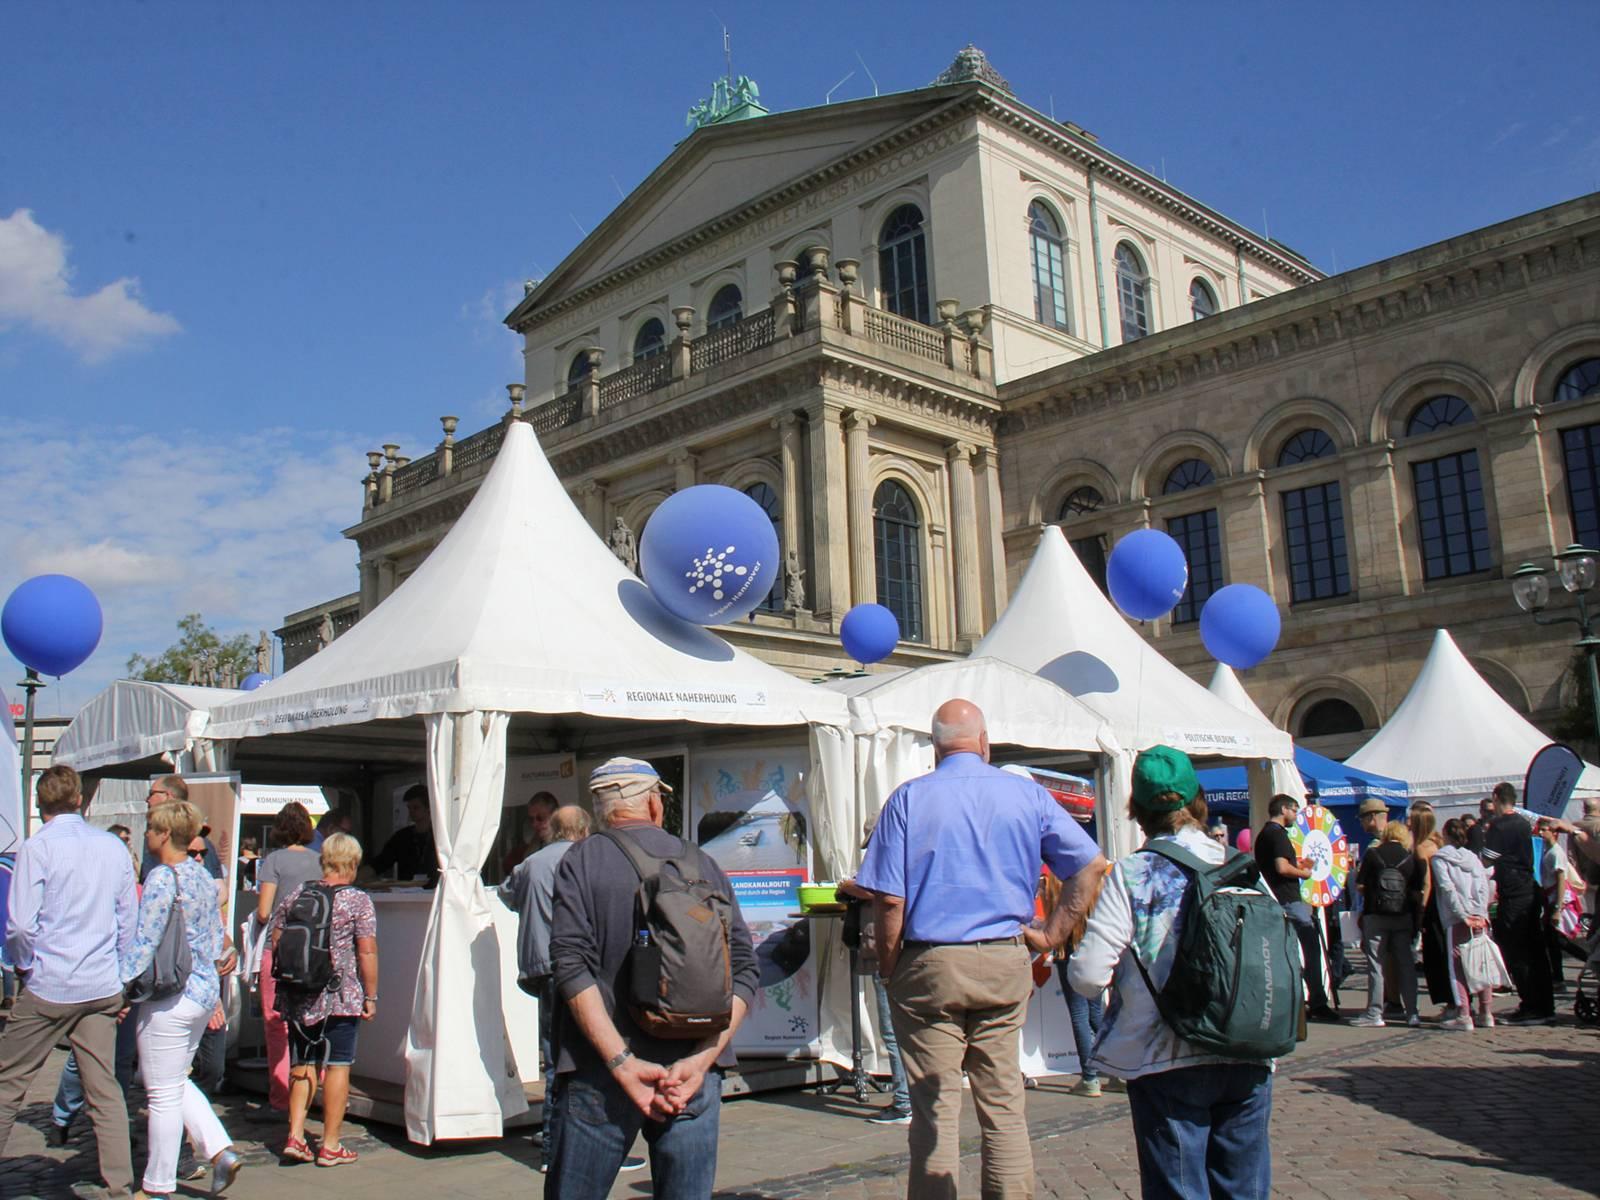 Eine Veranstaltung mit vielen weißen Pavillons auf einem Platz vor einem alten Gebäude: der Oper in Hannover.